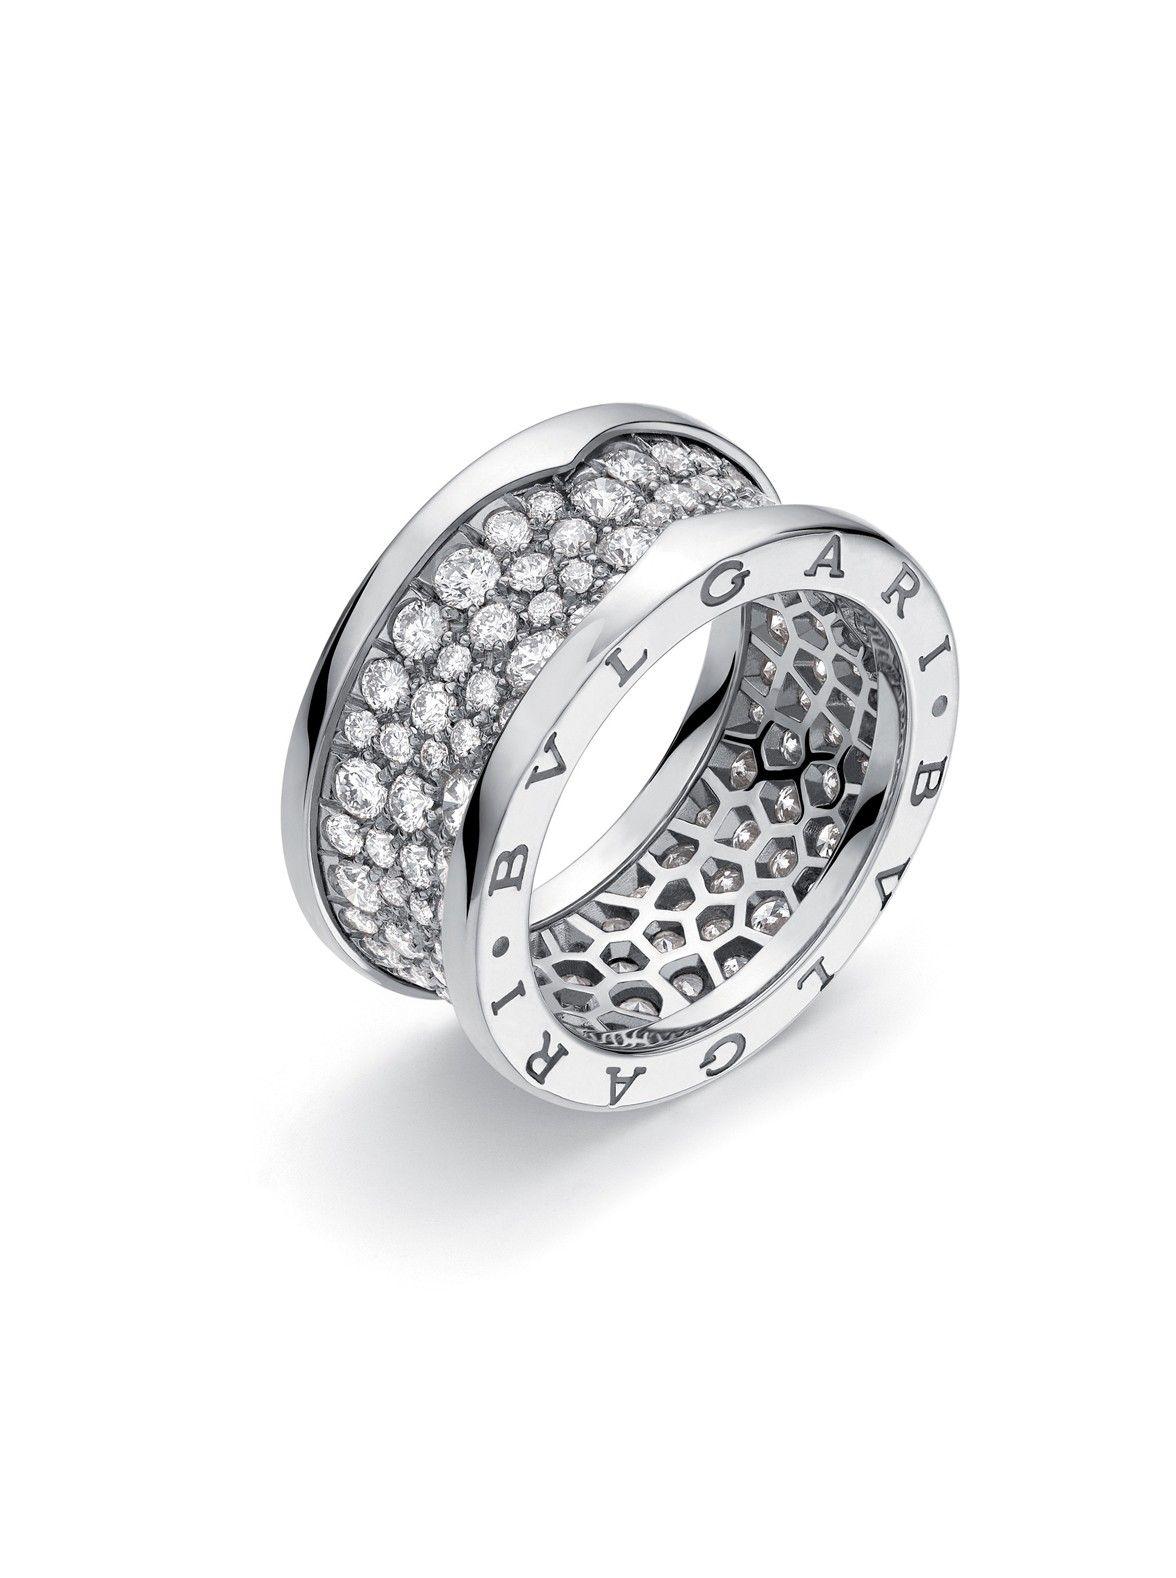 Bvlgari White Gold B Zero1 Diamond Ring At London Jewelers